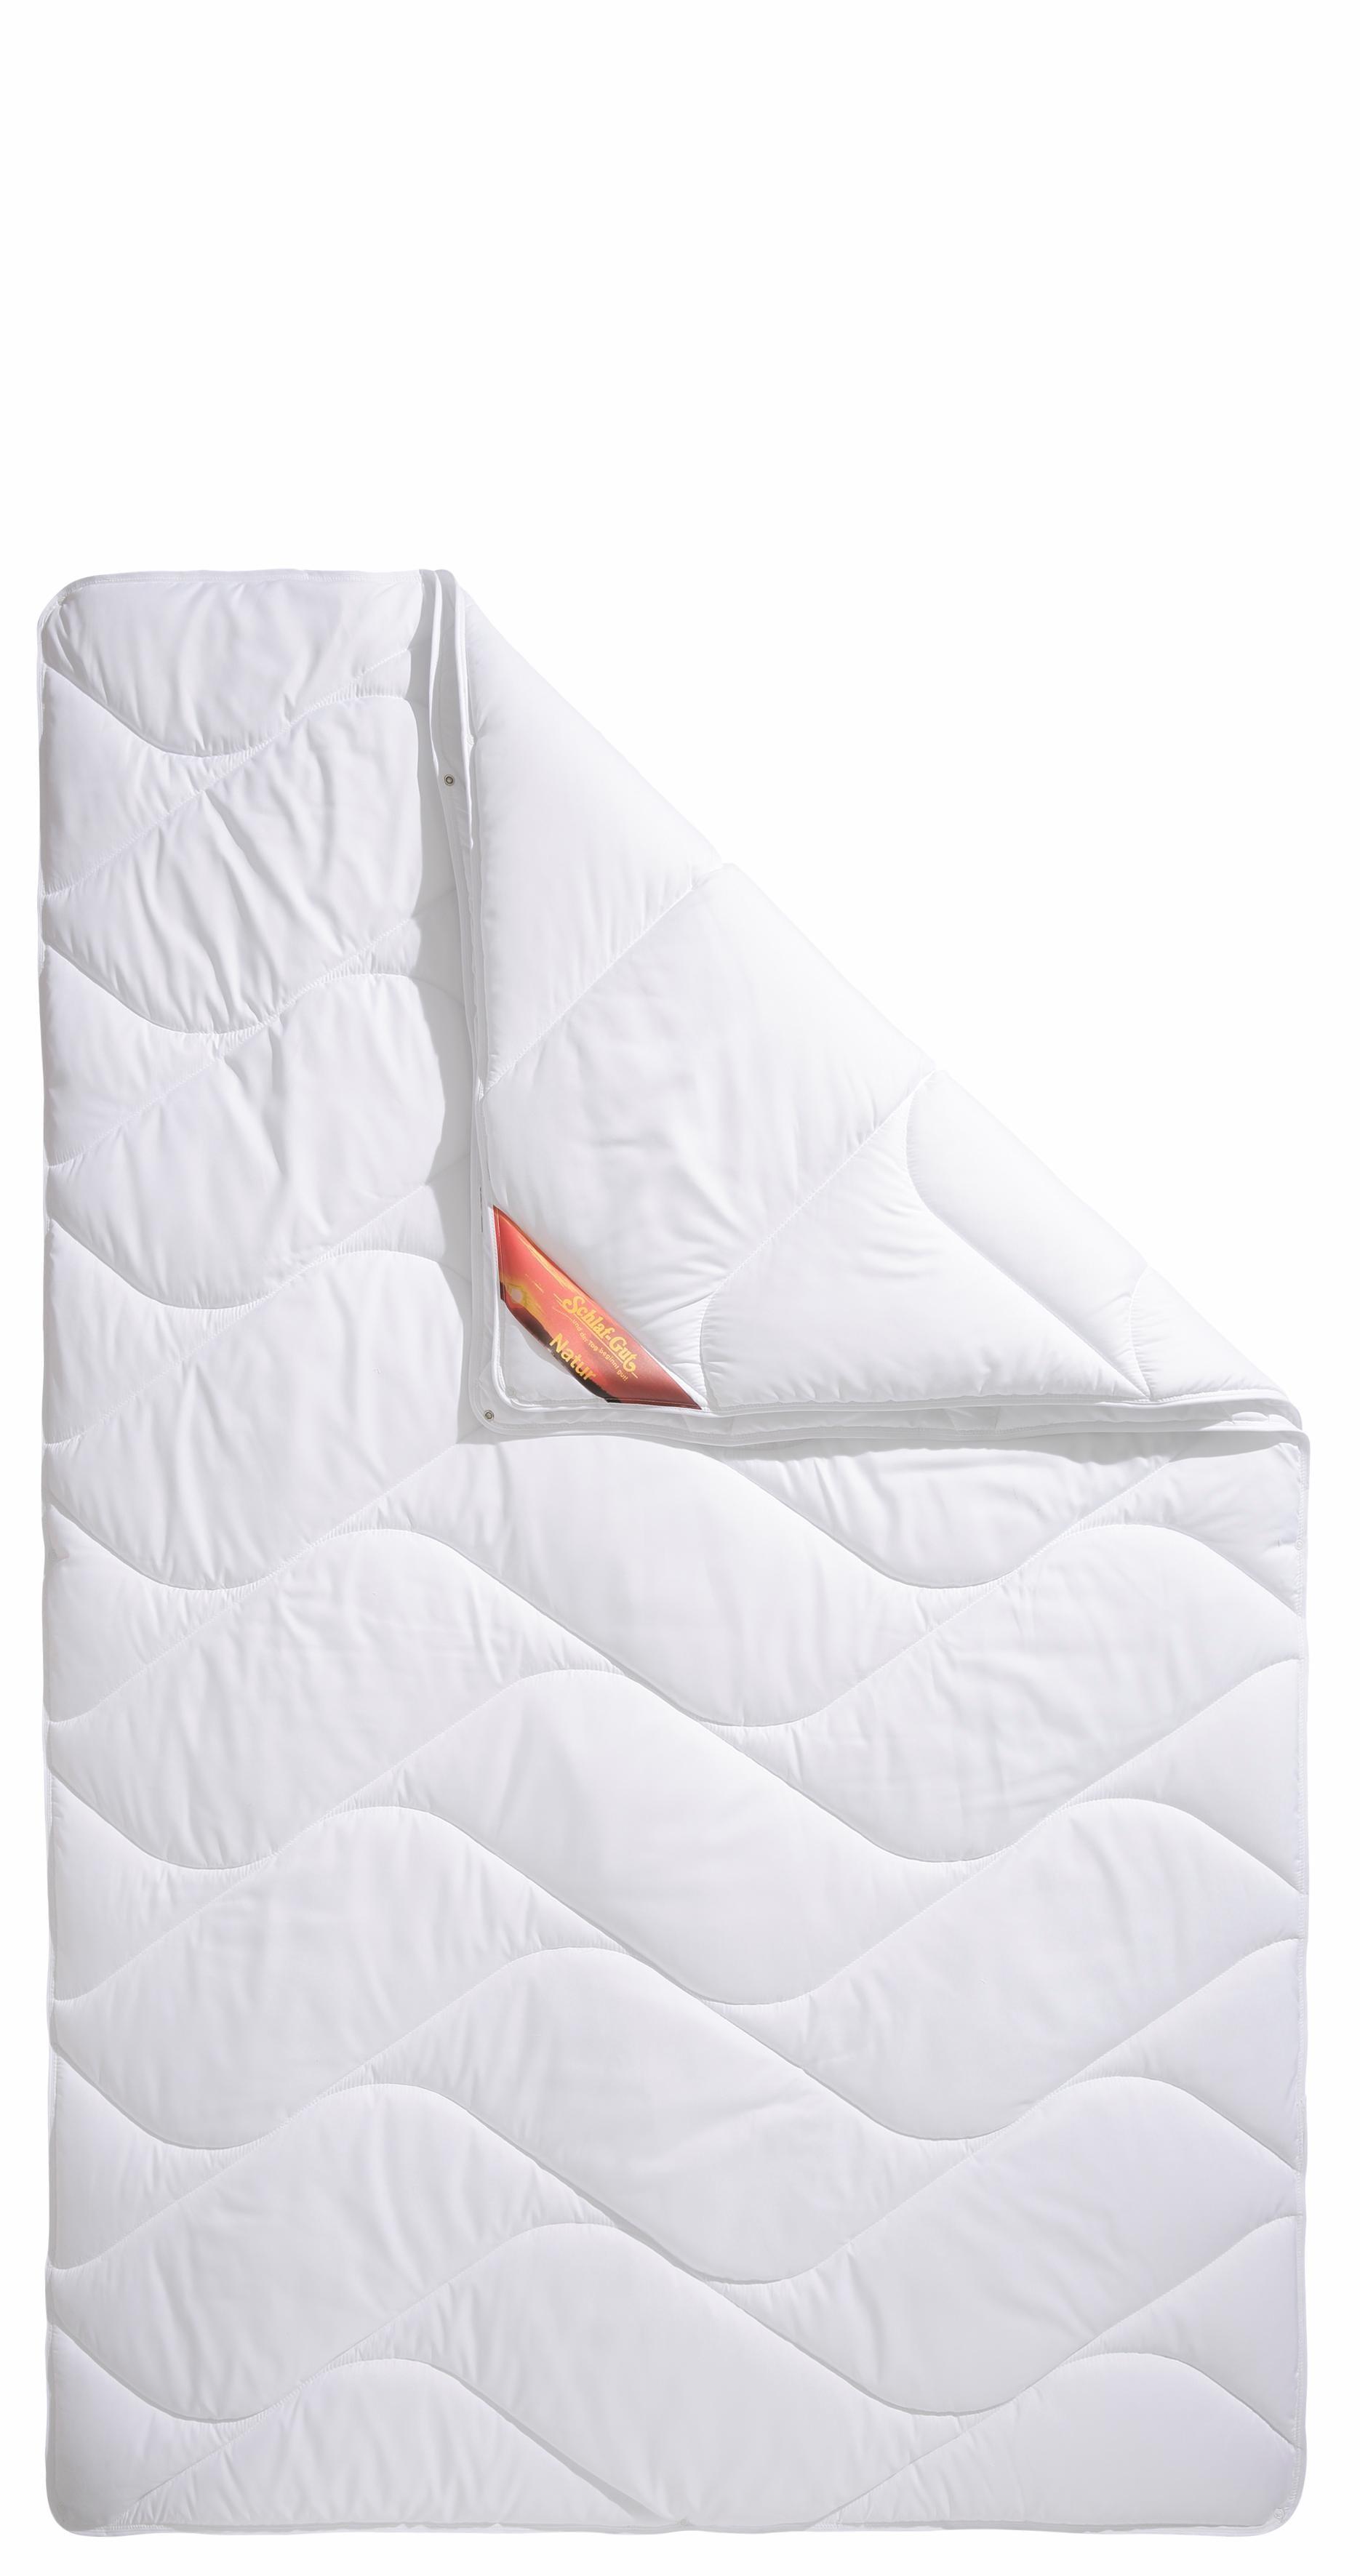 4-Jahreszeitenbett Proneem m MF-Bezug Schlaf-Gut 4-Jahreszeiten